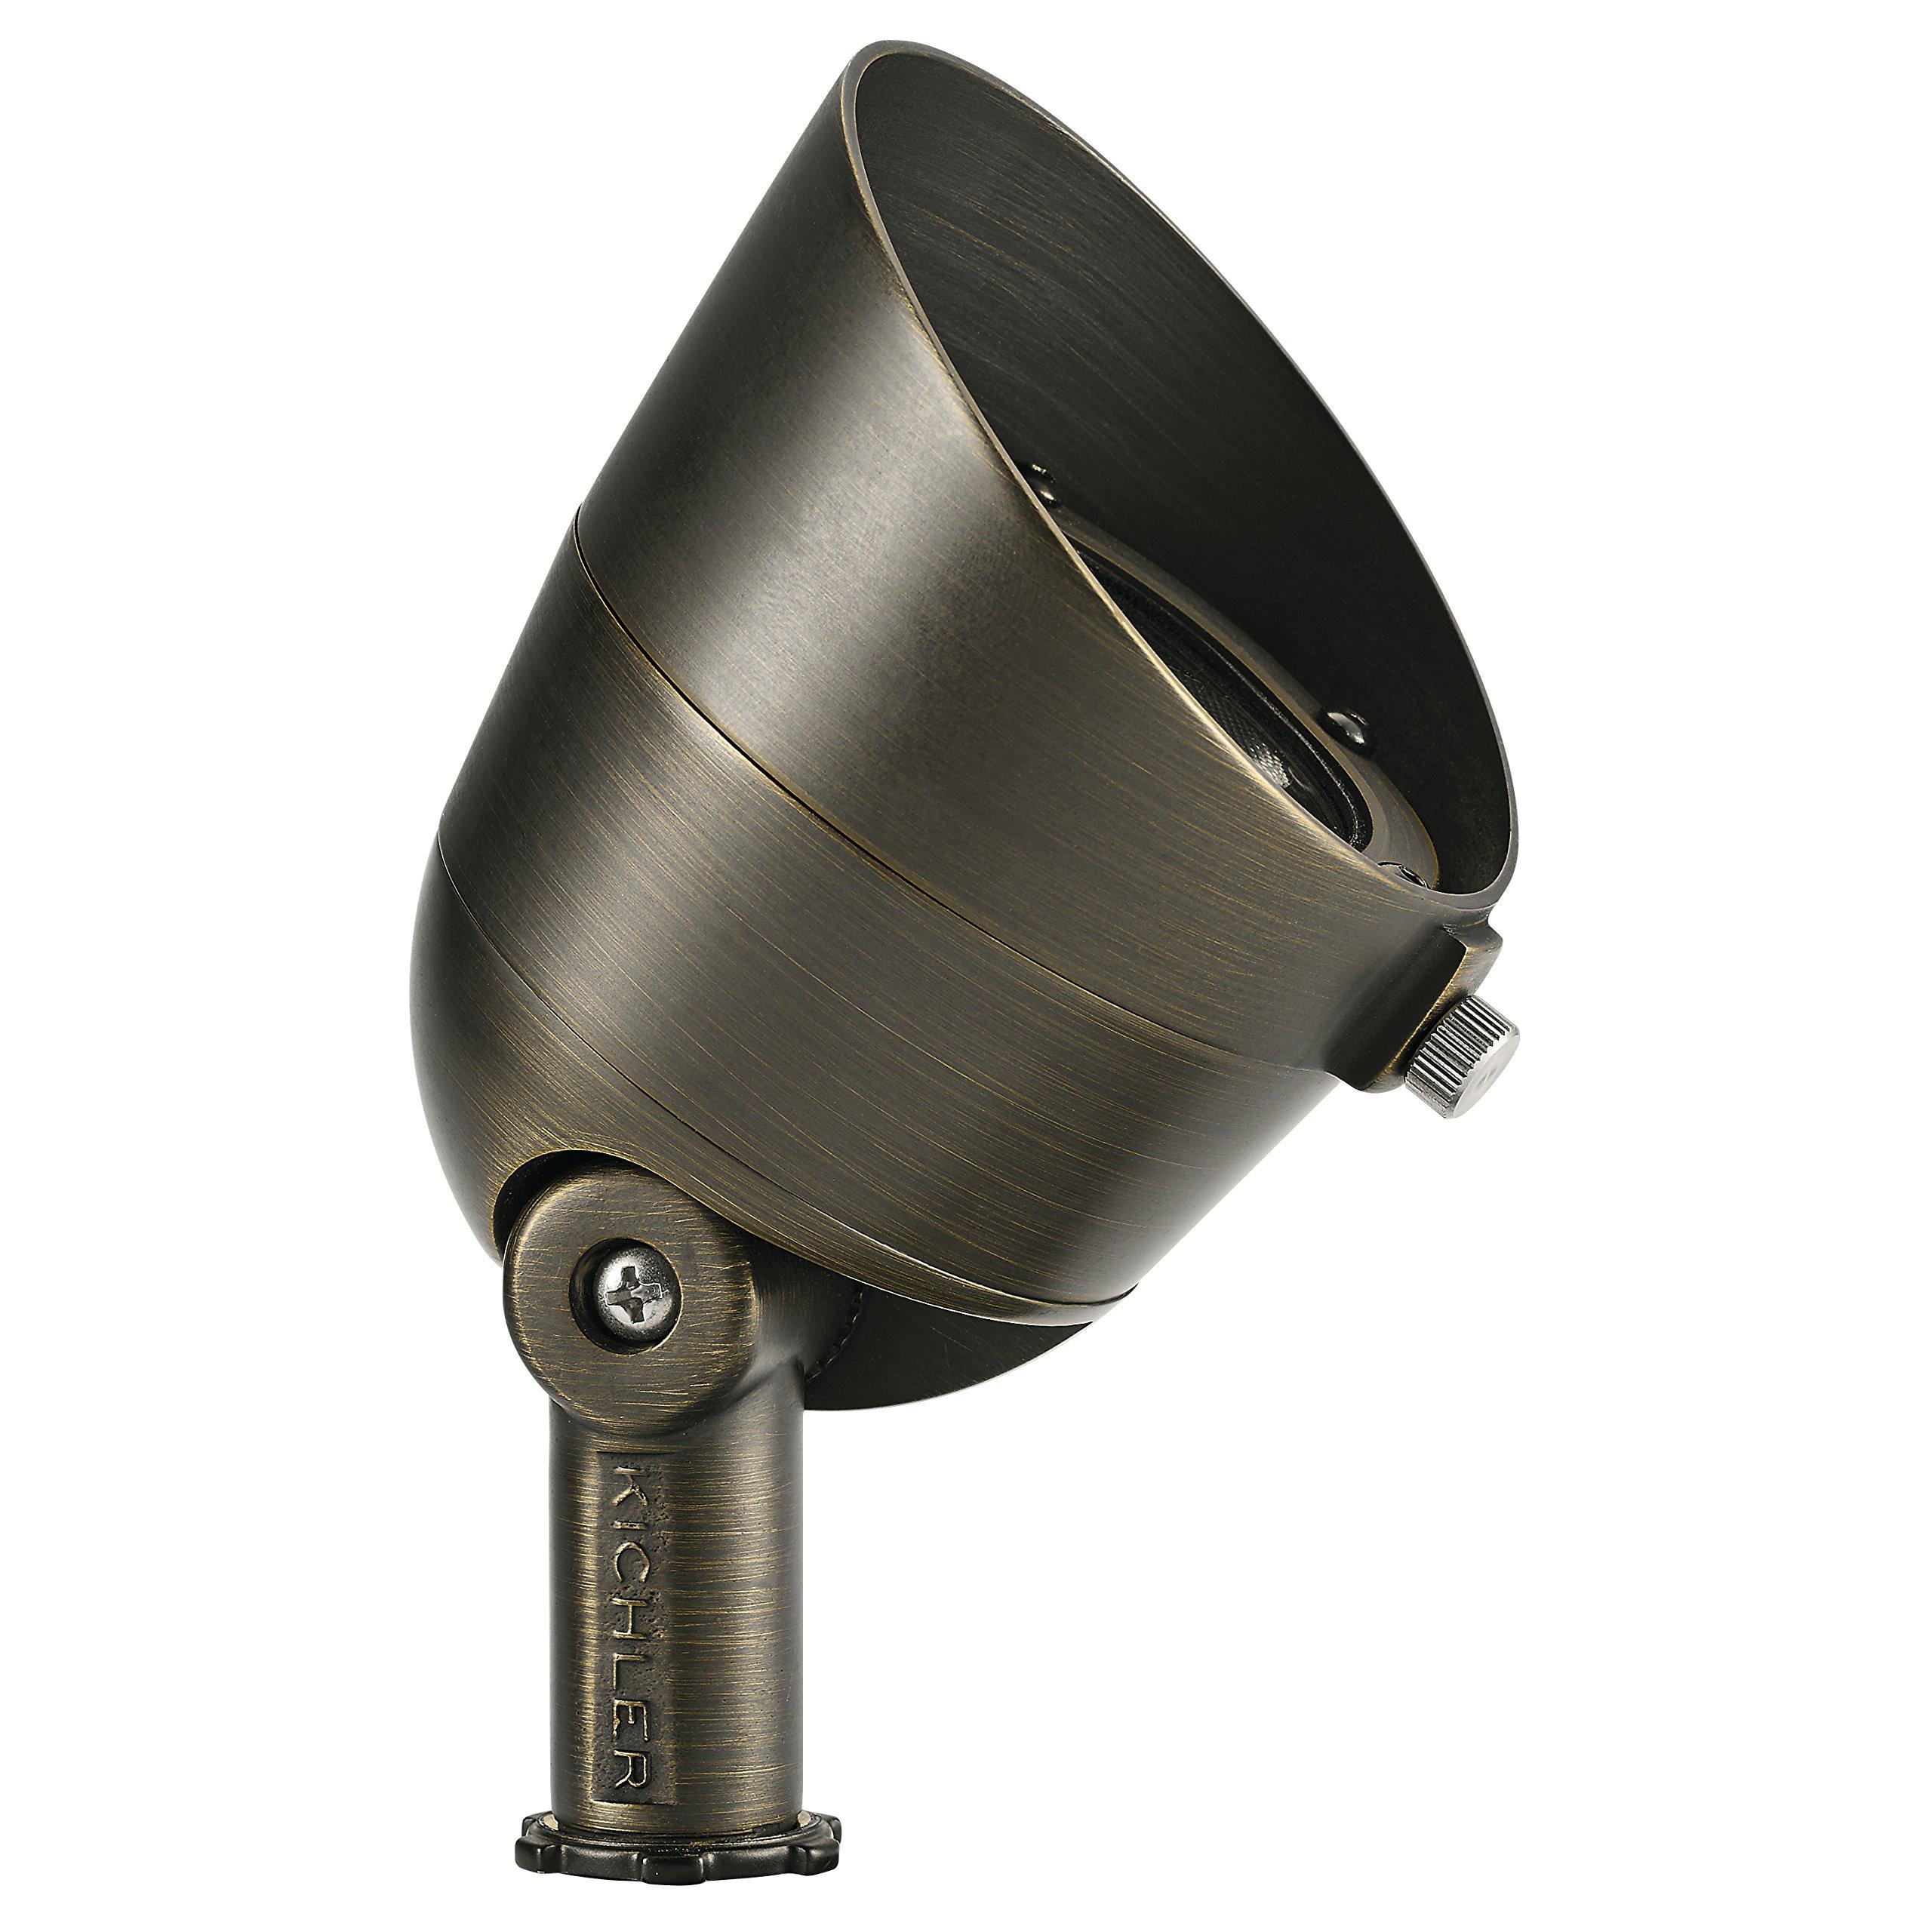 Kichler 16152CBR27 Landscape LED Accent, 3-Light 7.5 Total Watts, Centennial Brass